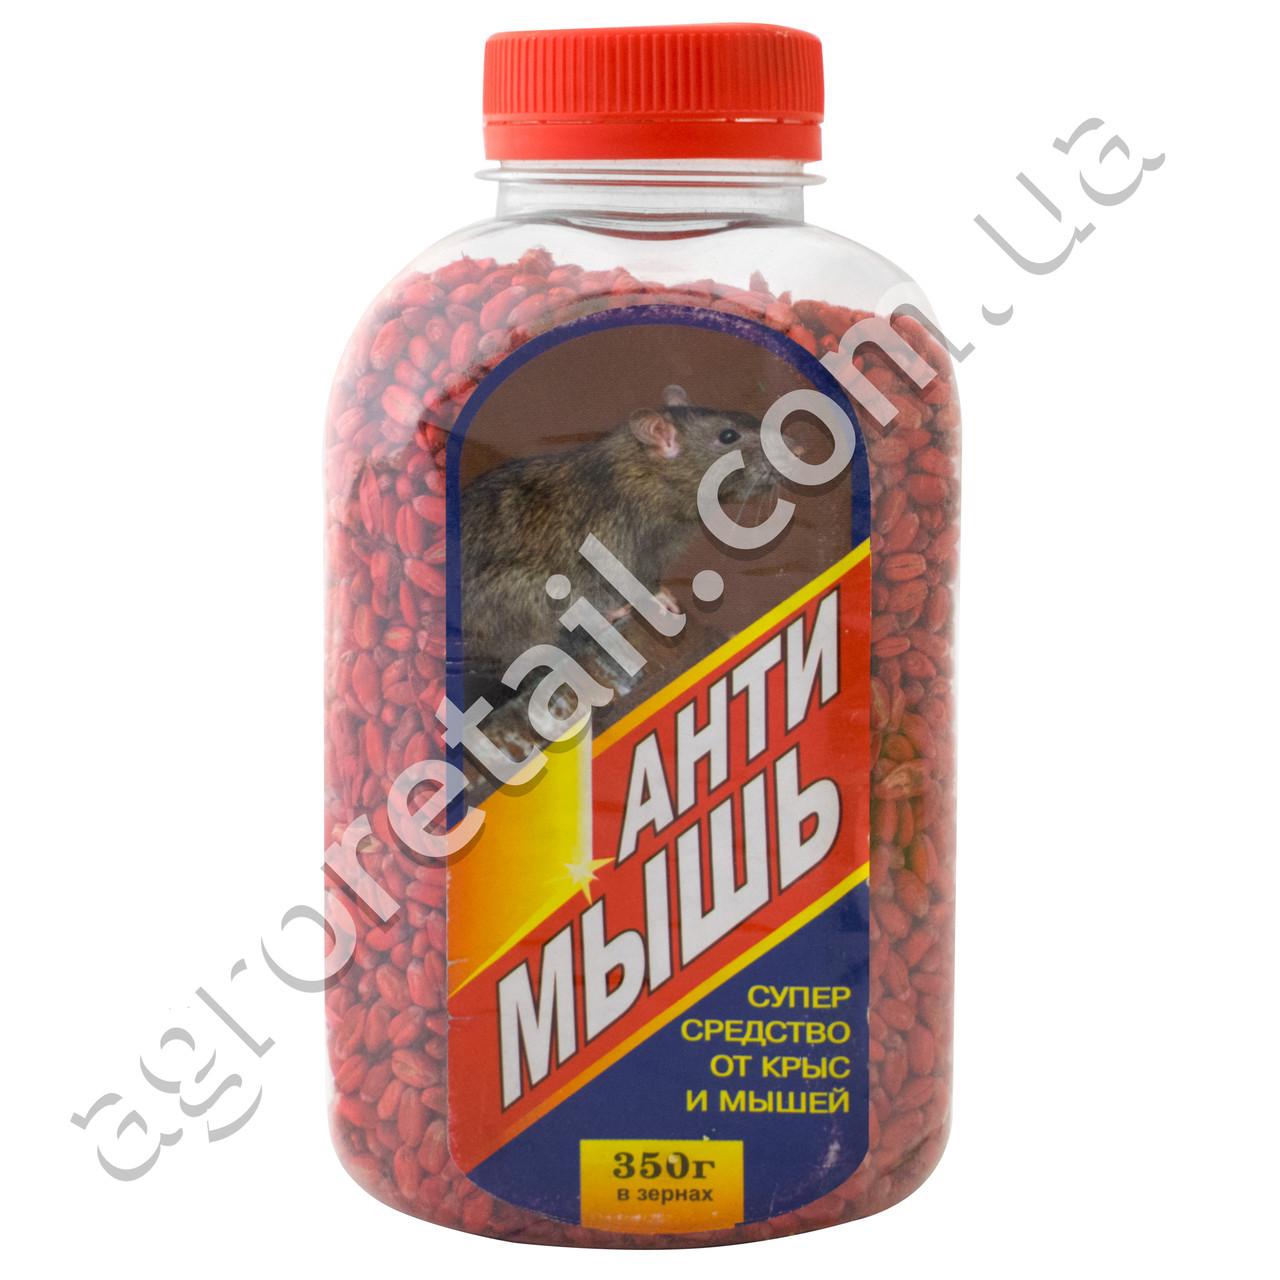 Зерно от крыс и мышей Антимышь 350 г